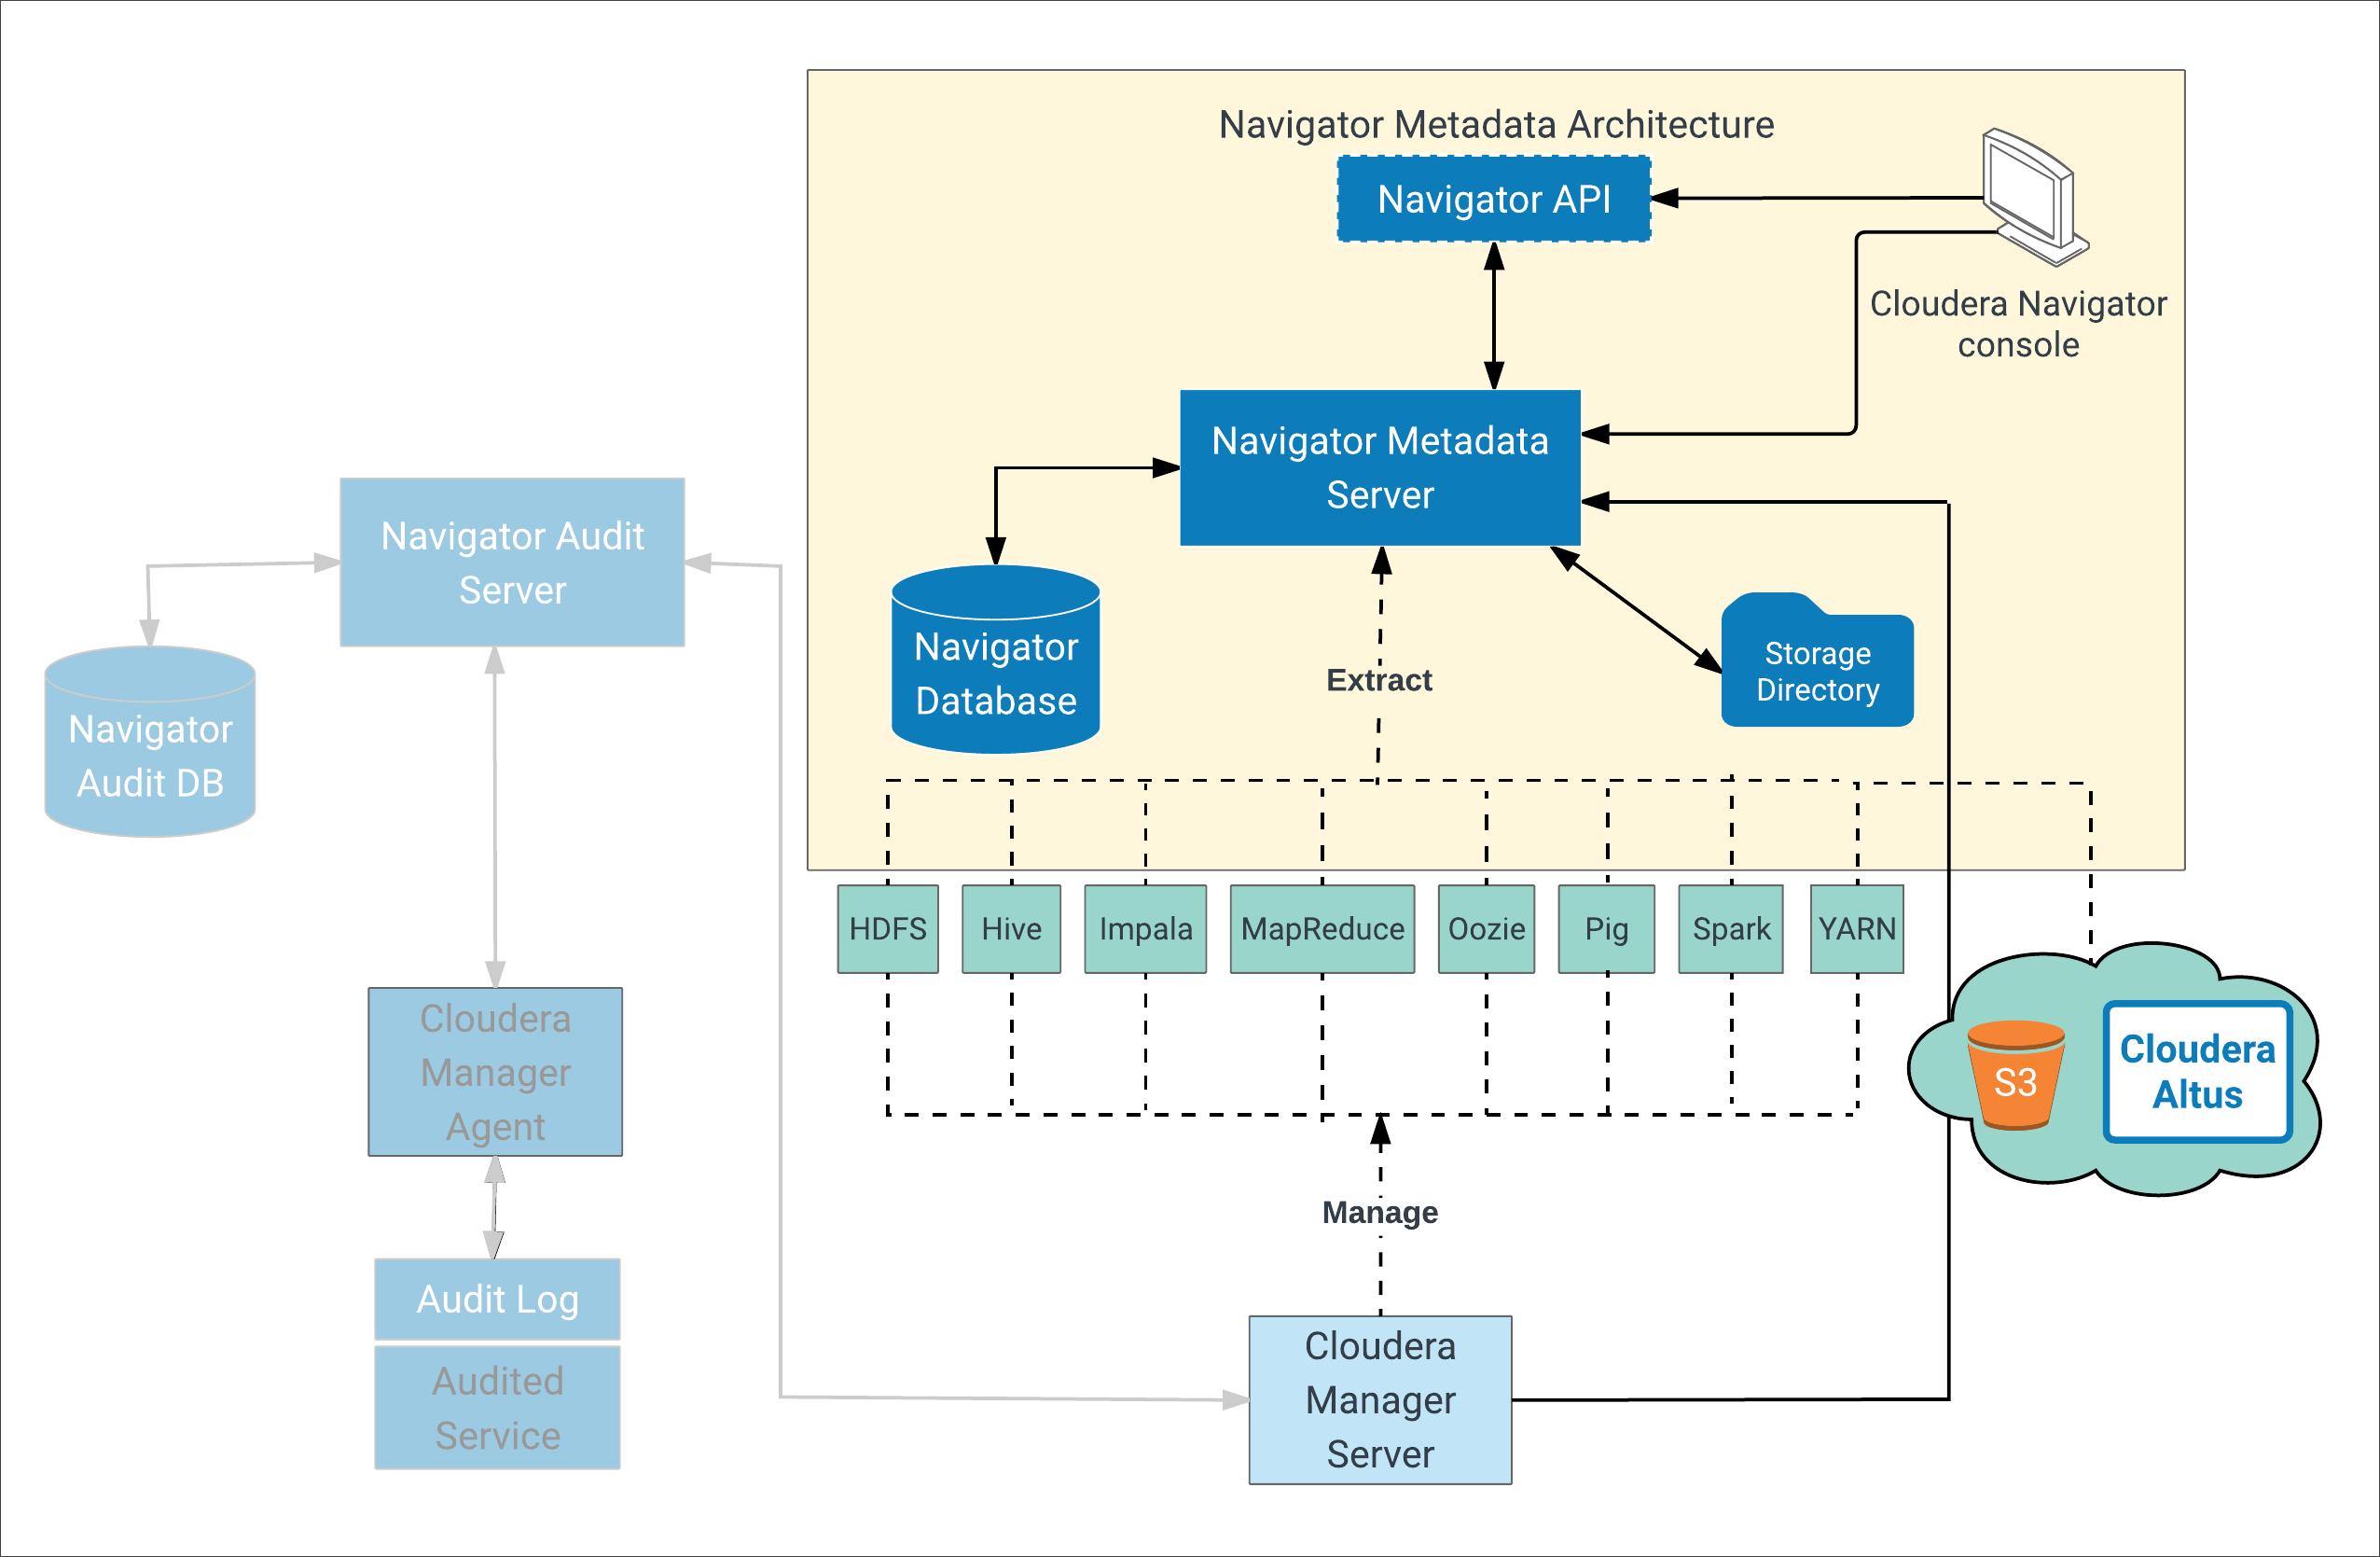 Navigator Metadata Server Management | 5 14 x | Cloudera